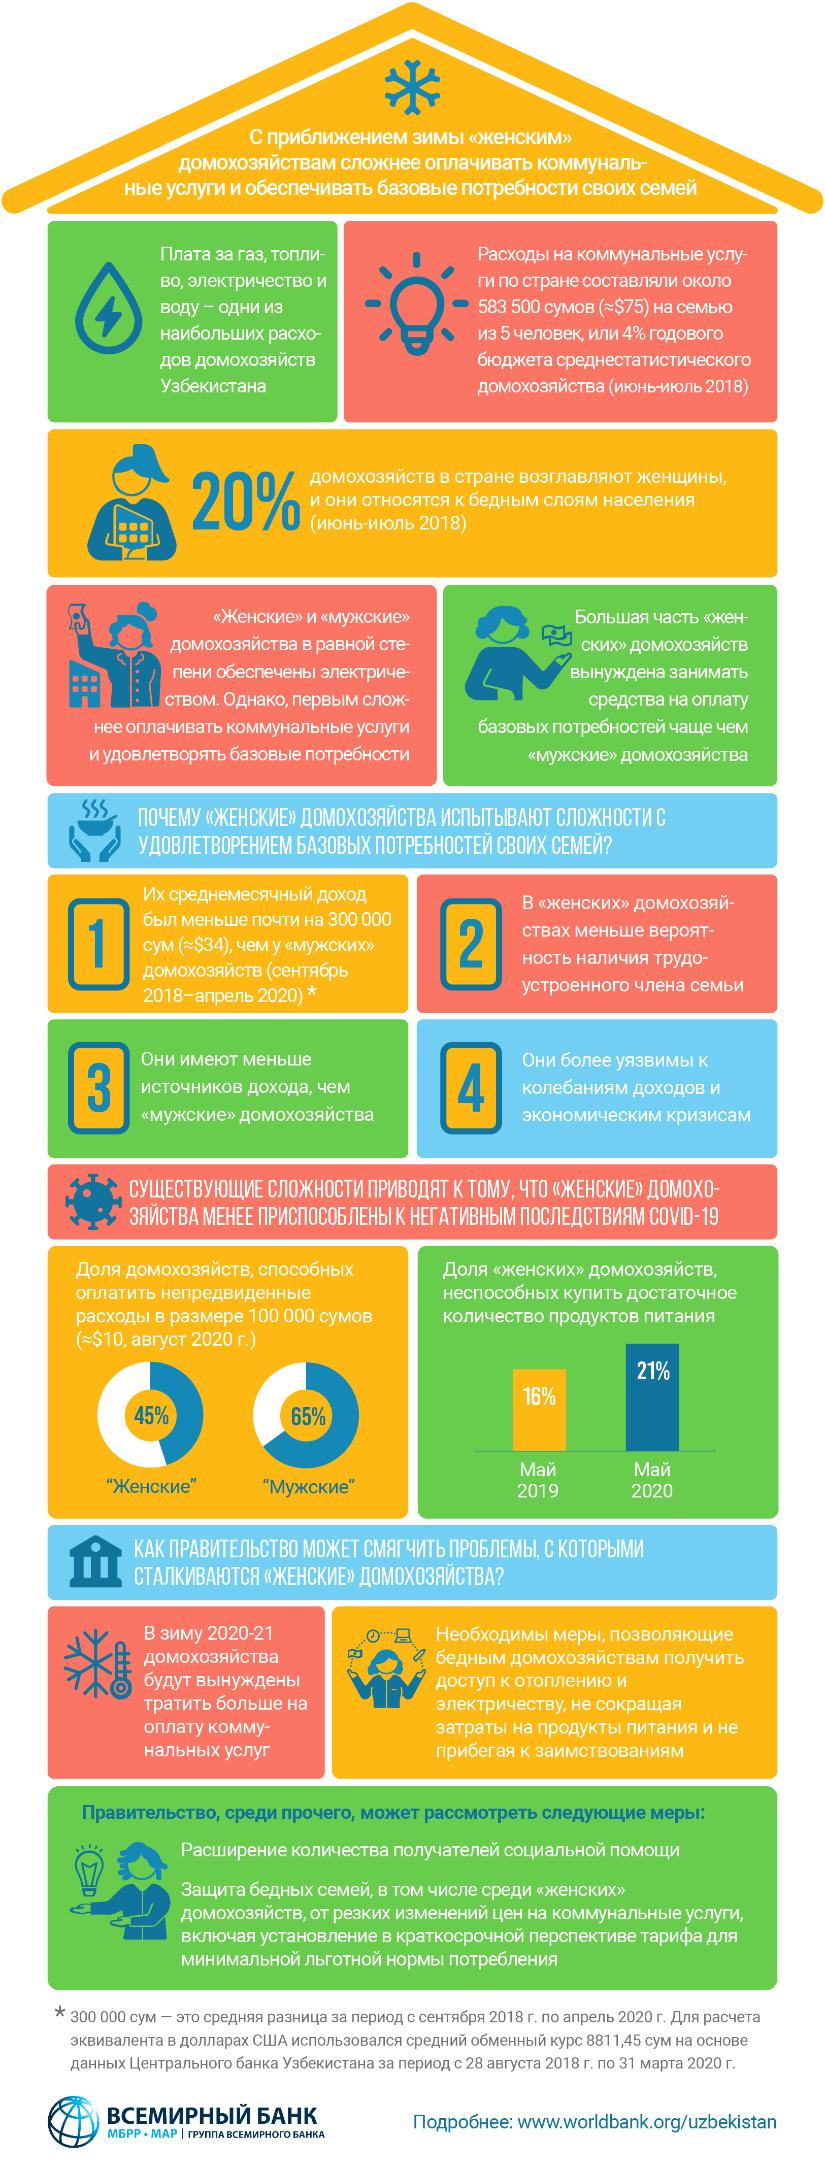 Инфографика: «Женским» домохозяйствам сложнее оплачивать коммунальные услуги и базовые потребности своих семей